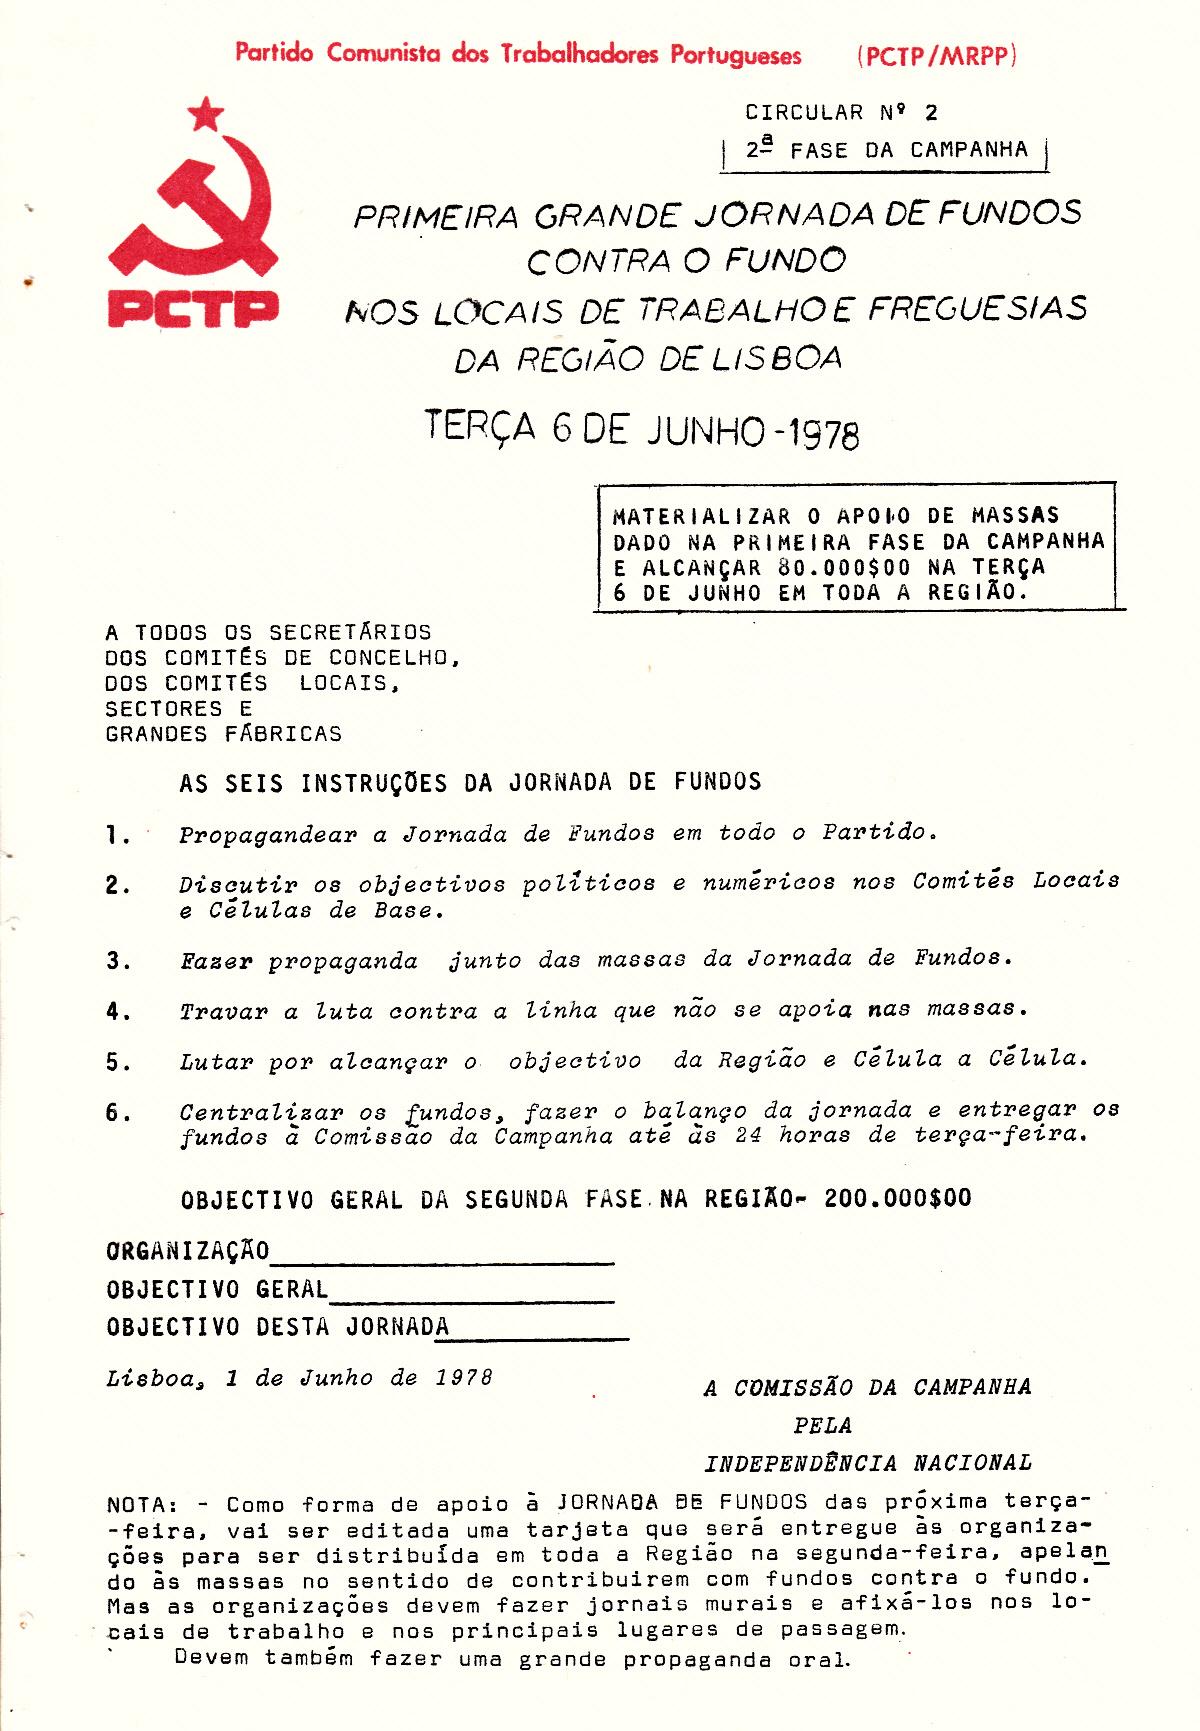 MRPP_1978_06_01